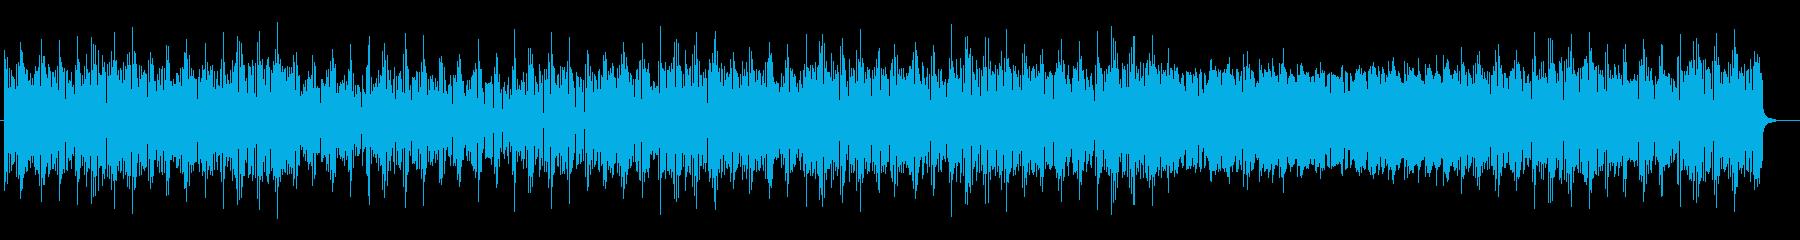 神秘的でリズミカルなポップスの再生済みの波形